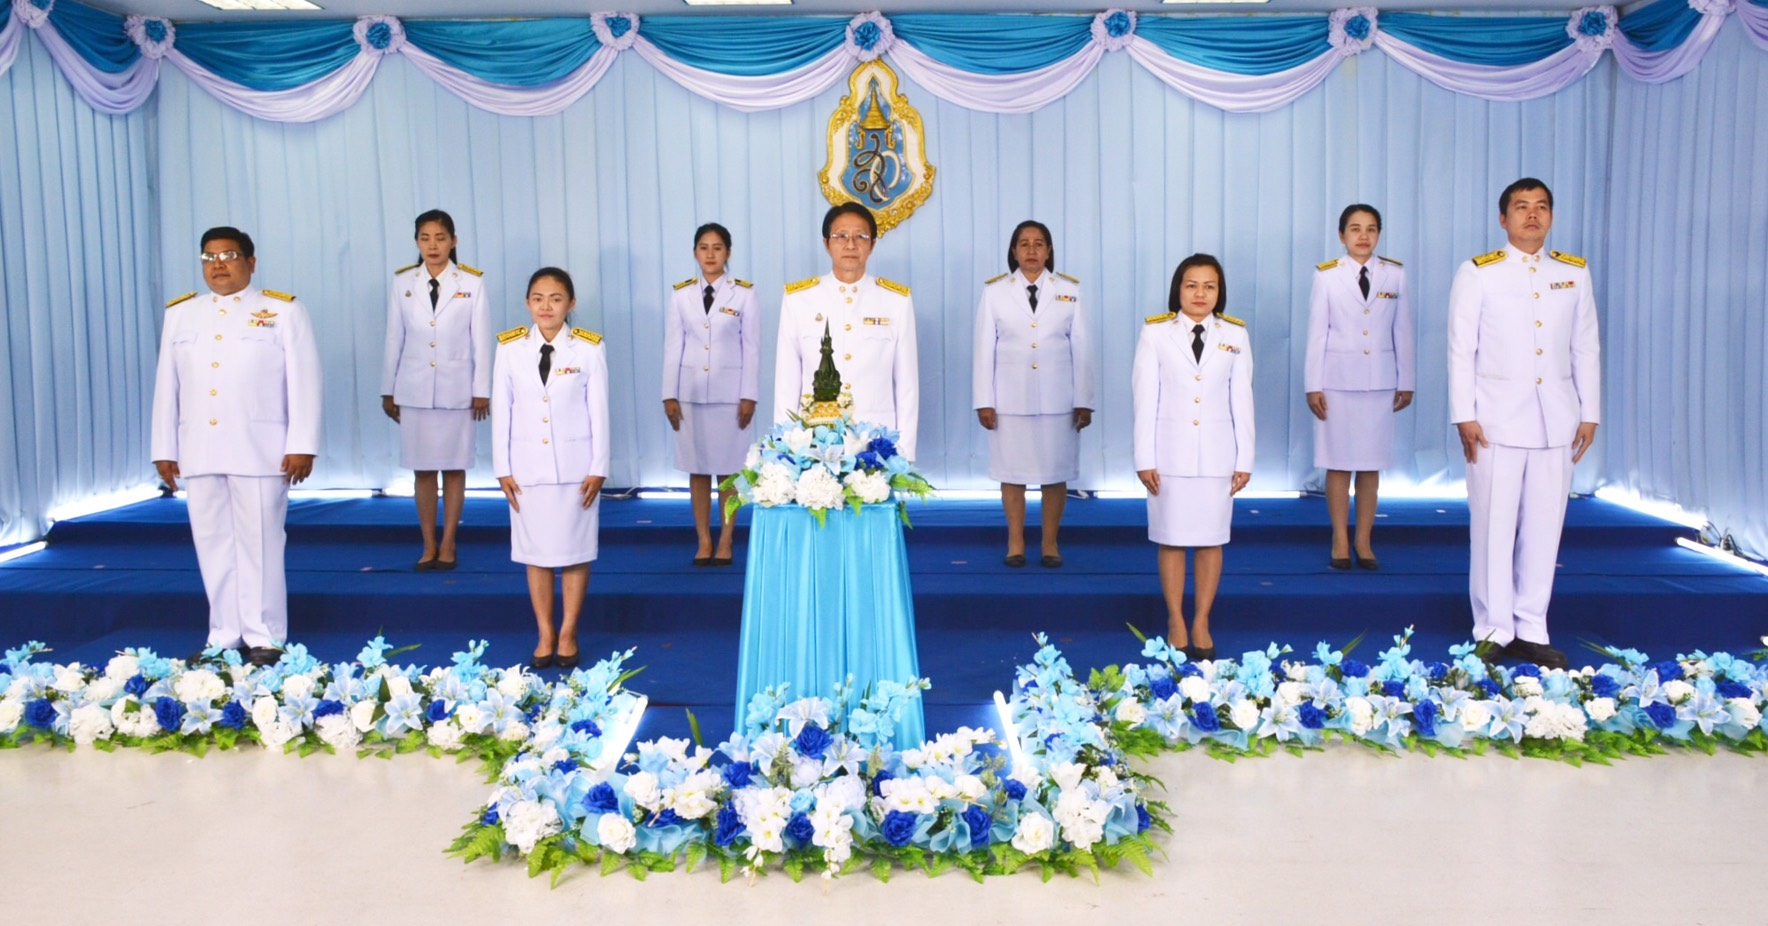 กปภ.สาขารังสิต(พ) เข้าร่วมบันทึกเทปถวายพระพร เนื่องในโอกาสวันเฉลิมพระชนมพรรษา 12 สิงหาคม 2562 สมเด็จพระนางเจ้าสิริกิติ์ พระบรมราชินีนาถ